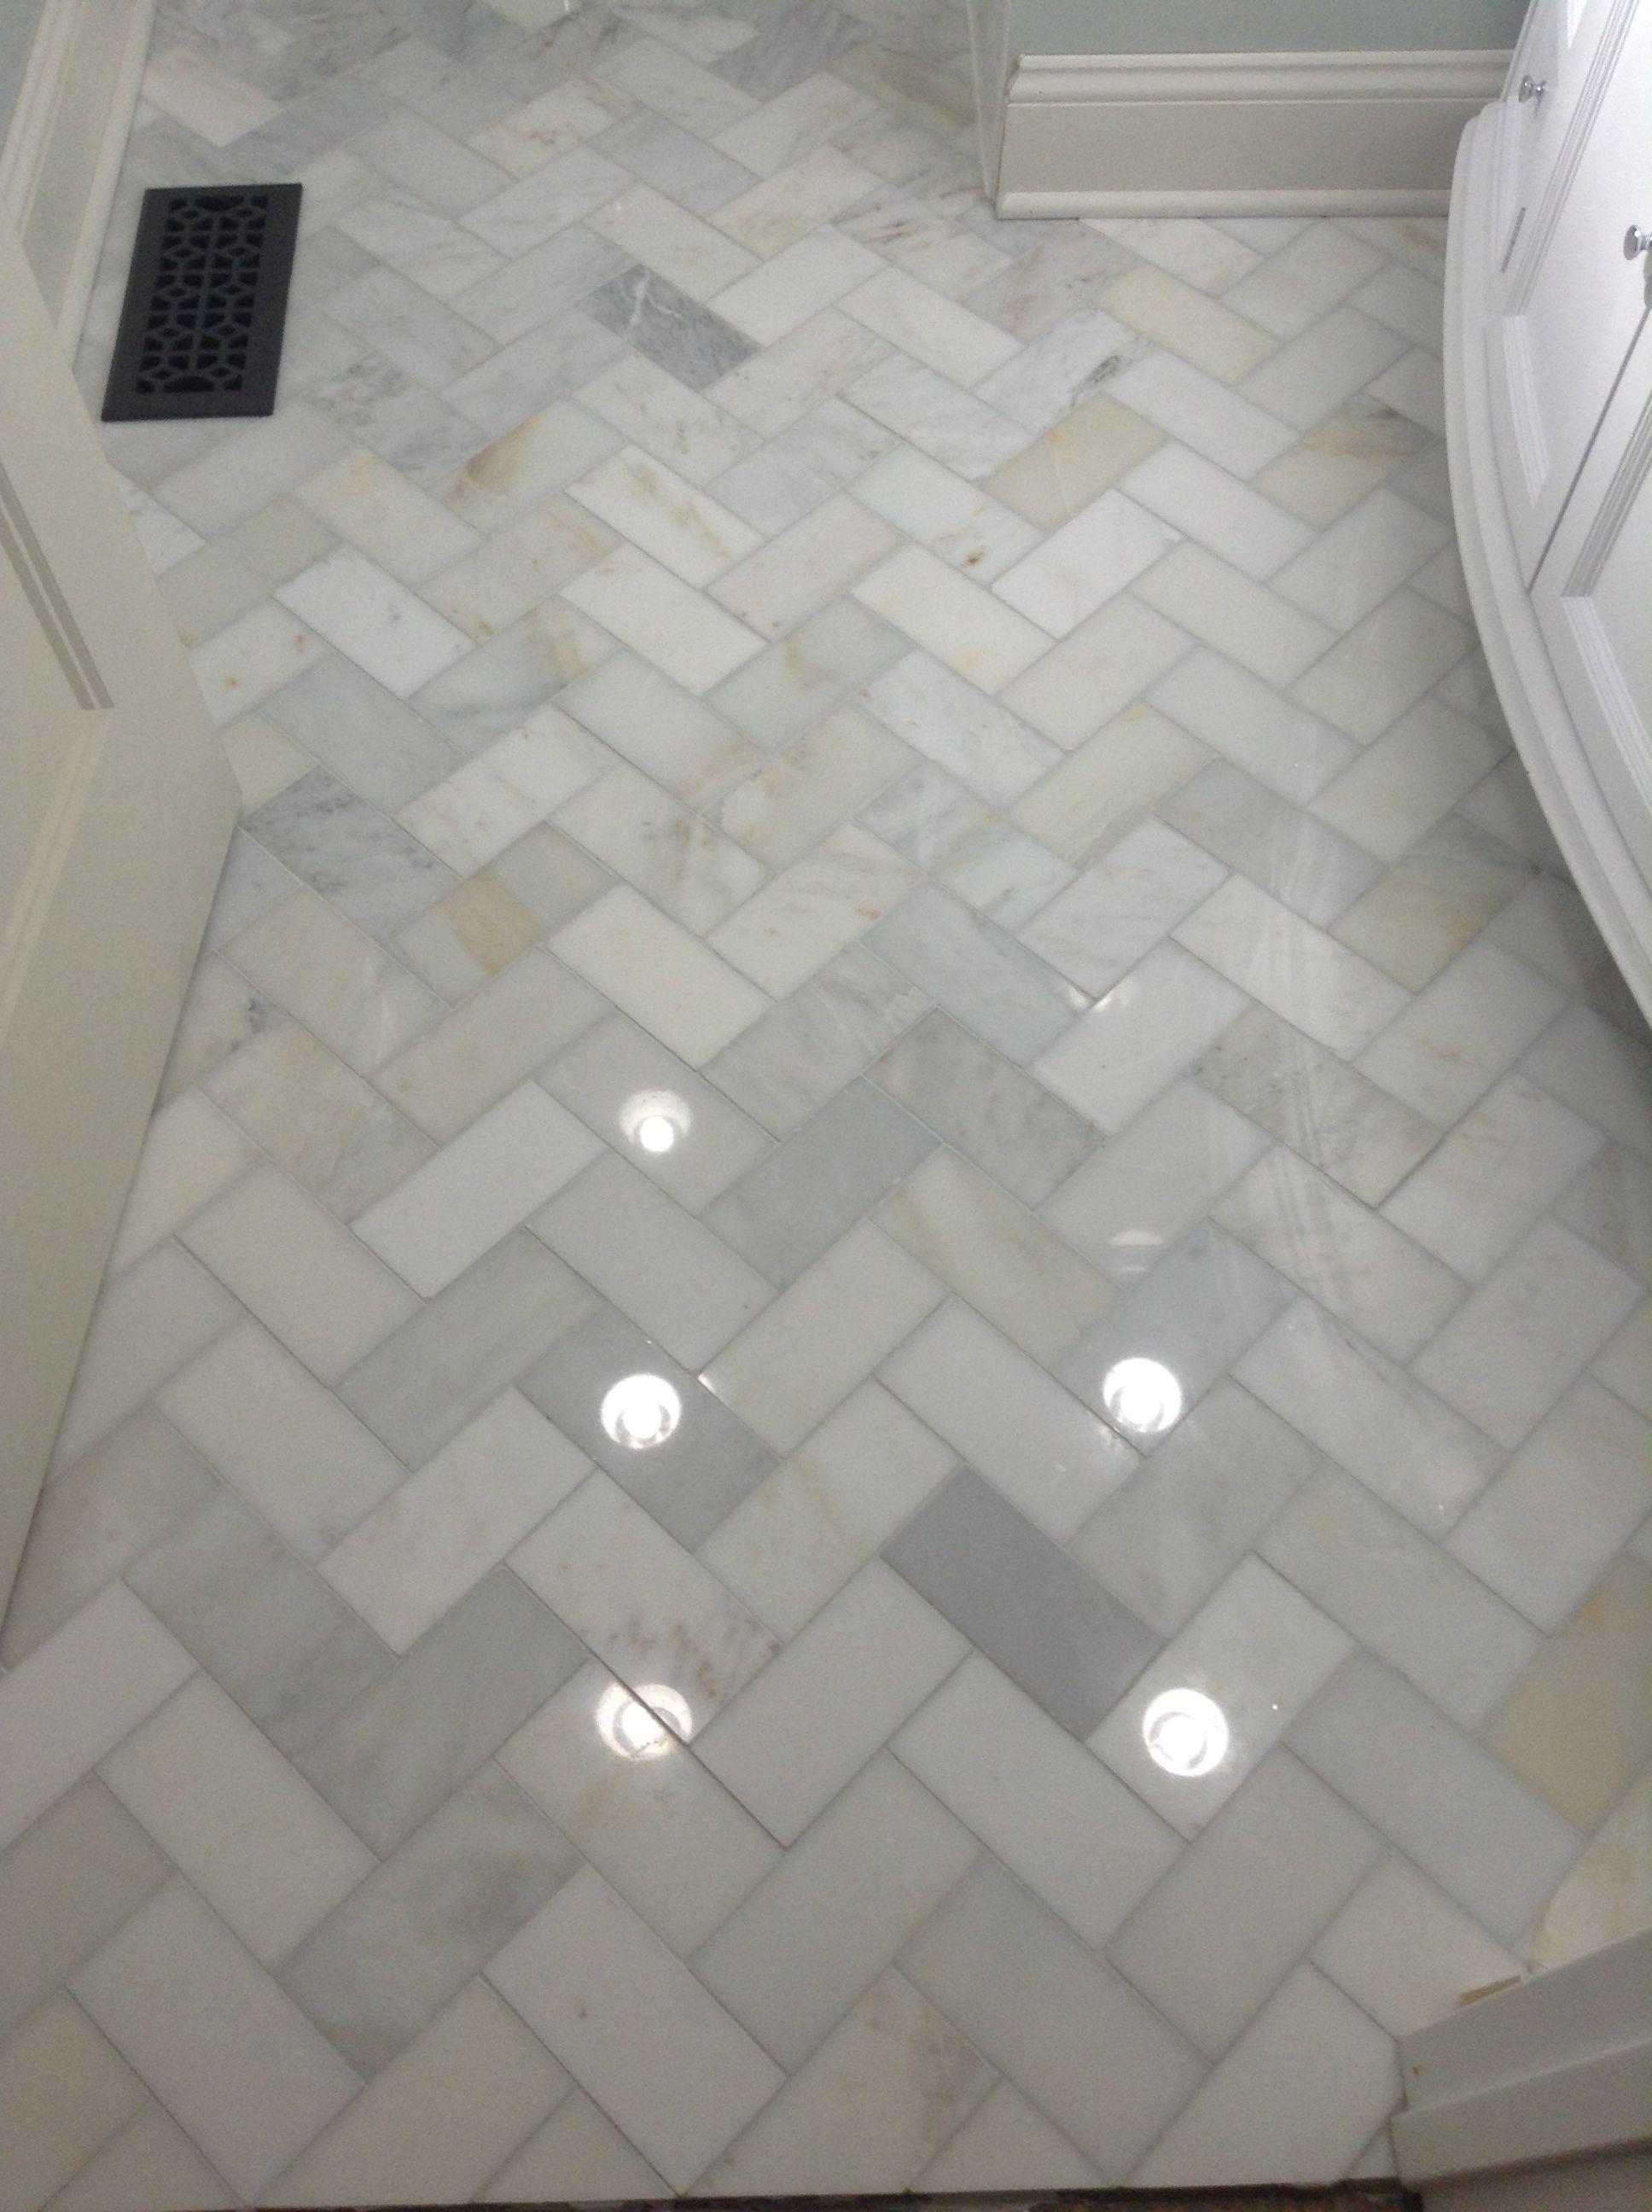 Herringbone marble Bathroom floor